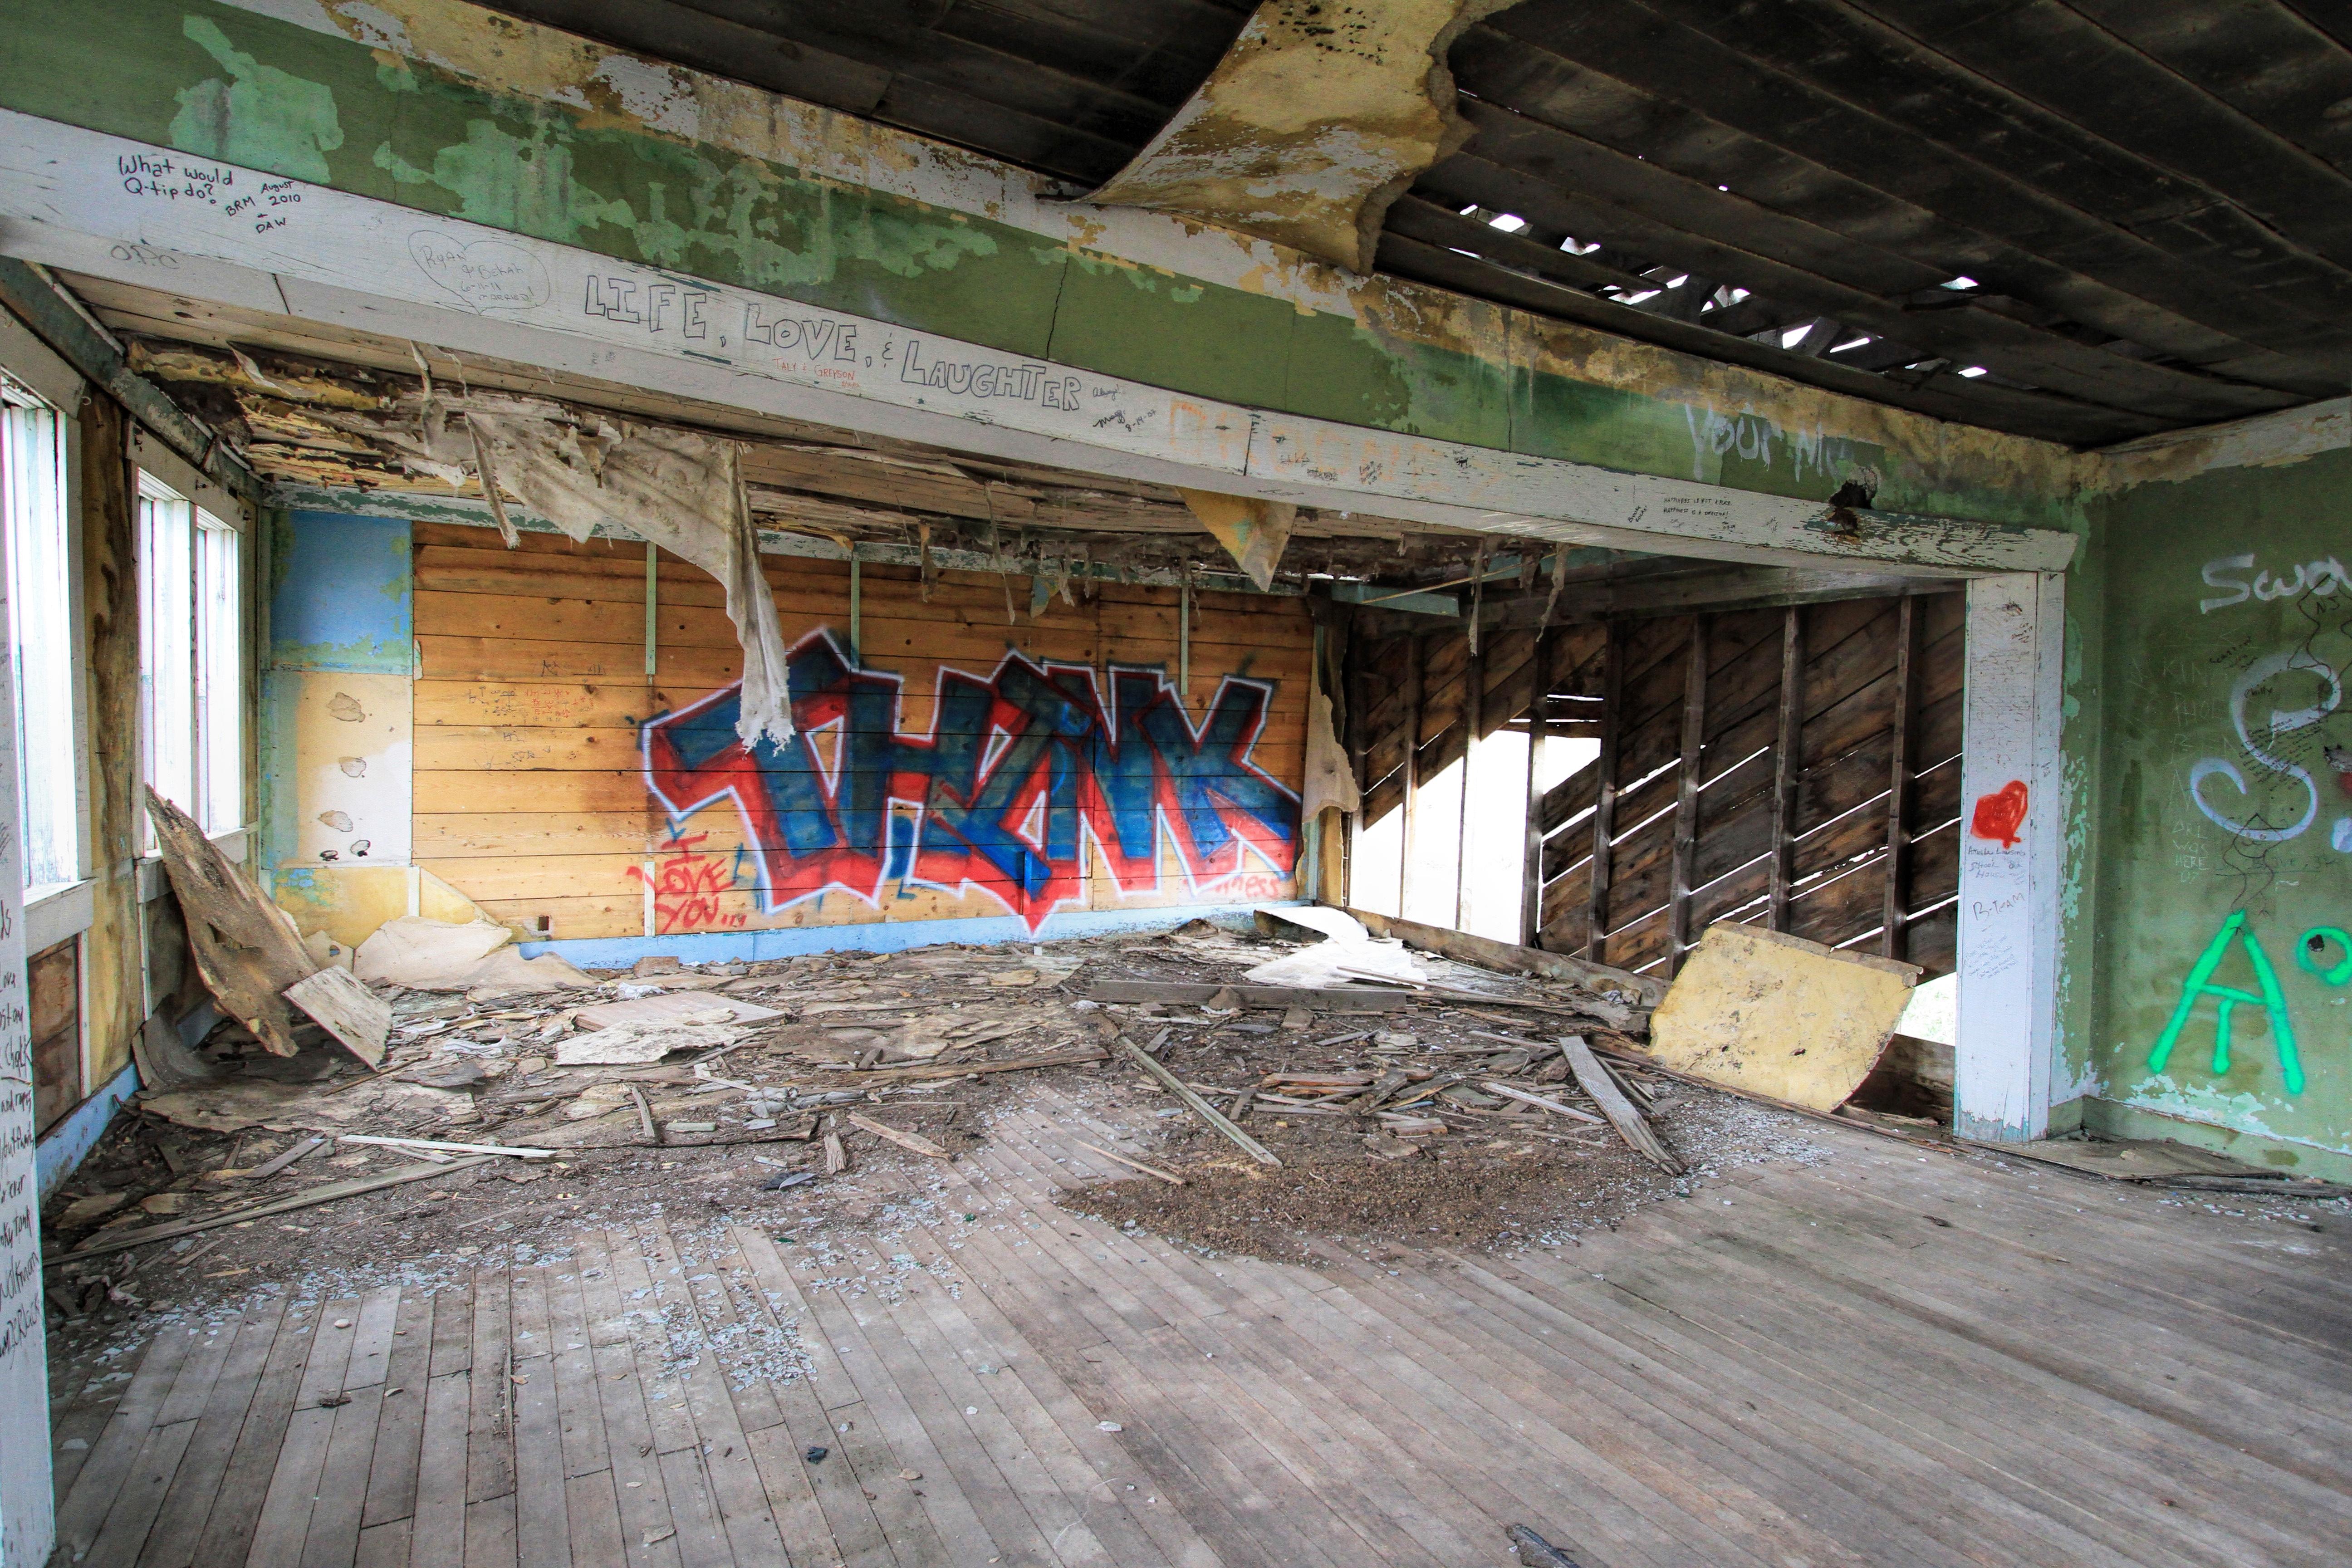 Architecture structure bois ferme intérieur bâtiment vieux maison rustique rural cassé abandonné usine pourriture graffiti altéré